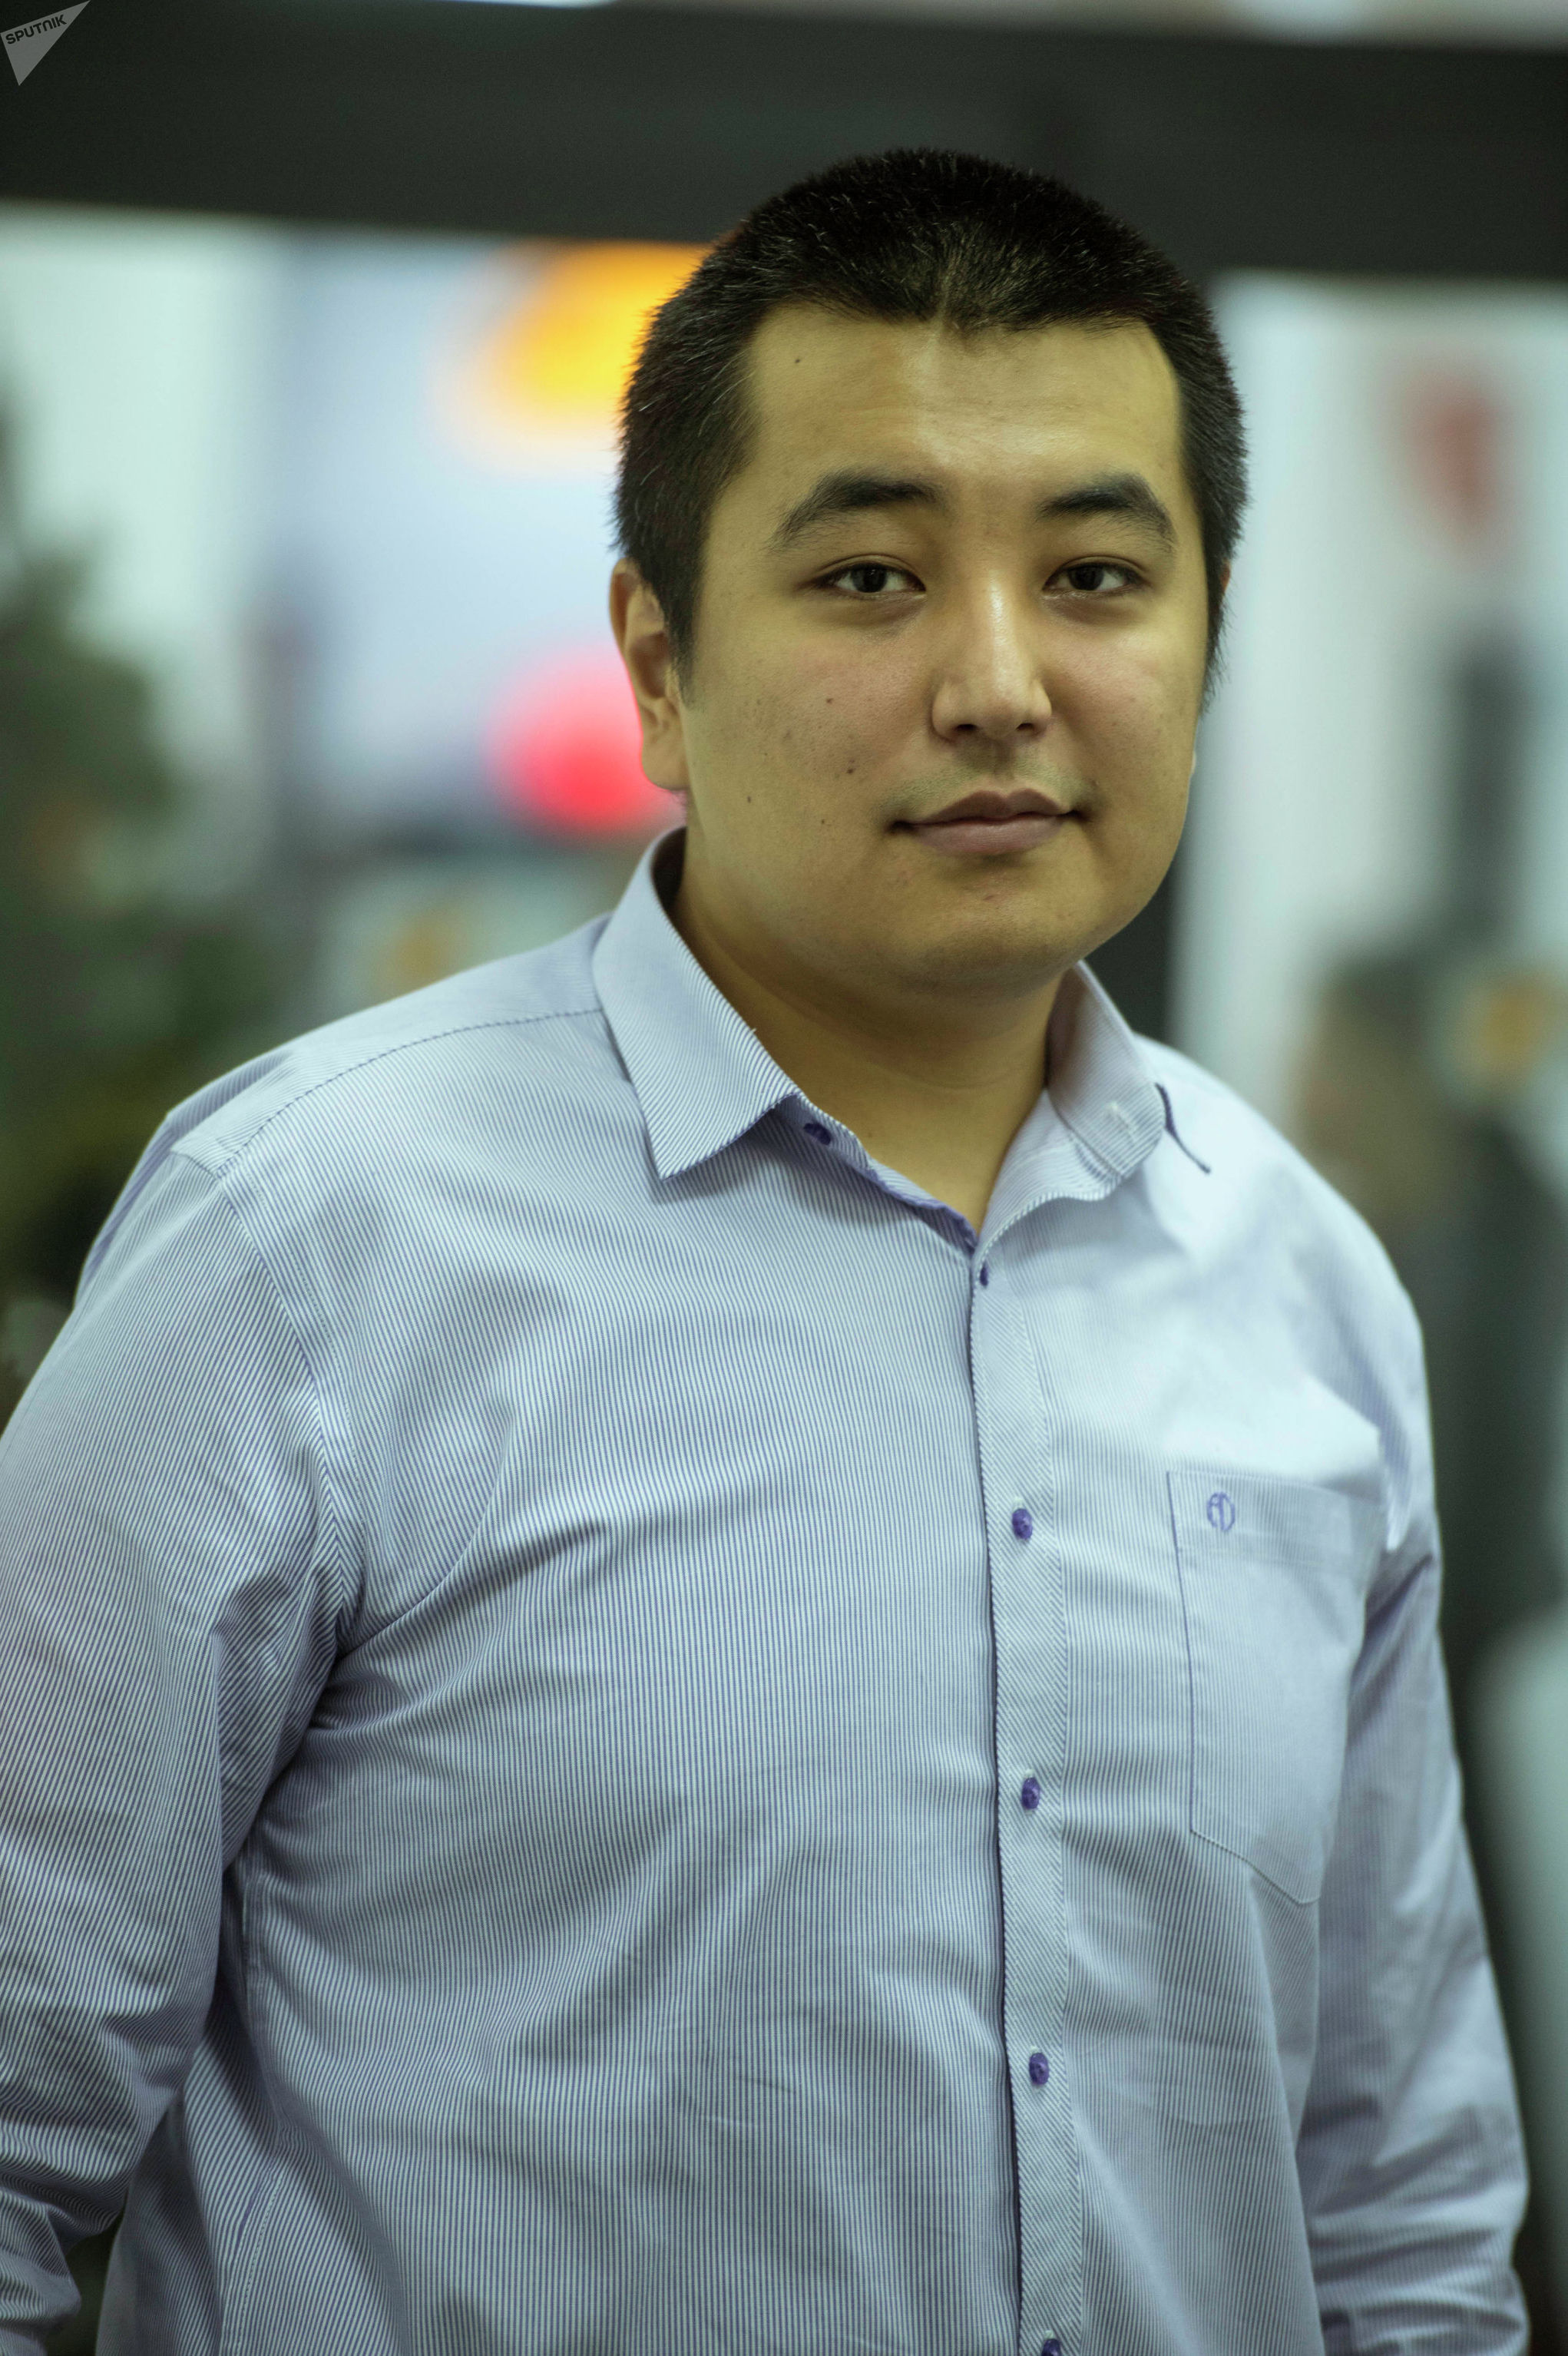 Кыргызстанец Чингиз Мансуров в офисе Sputnik